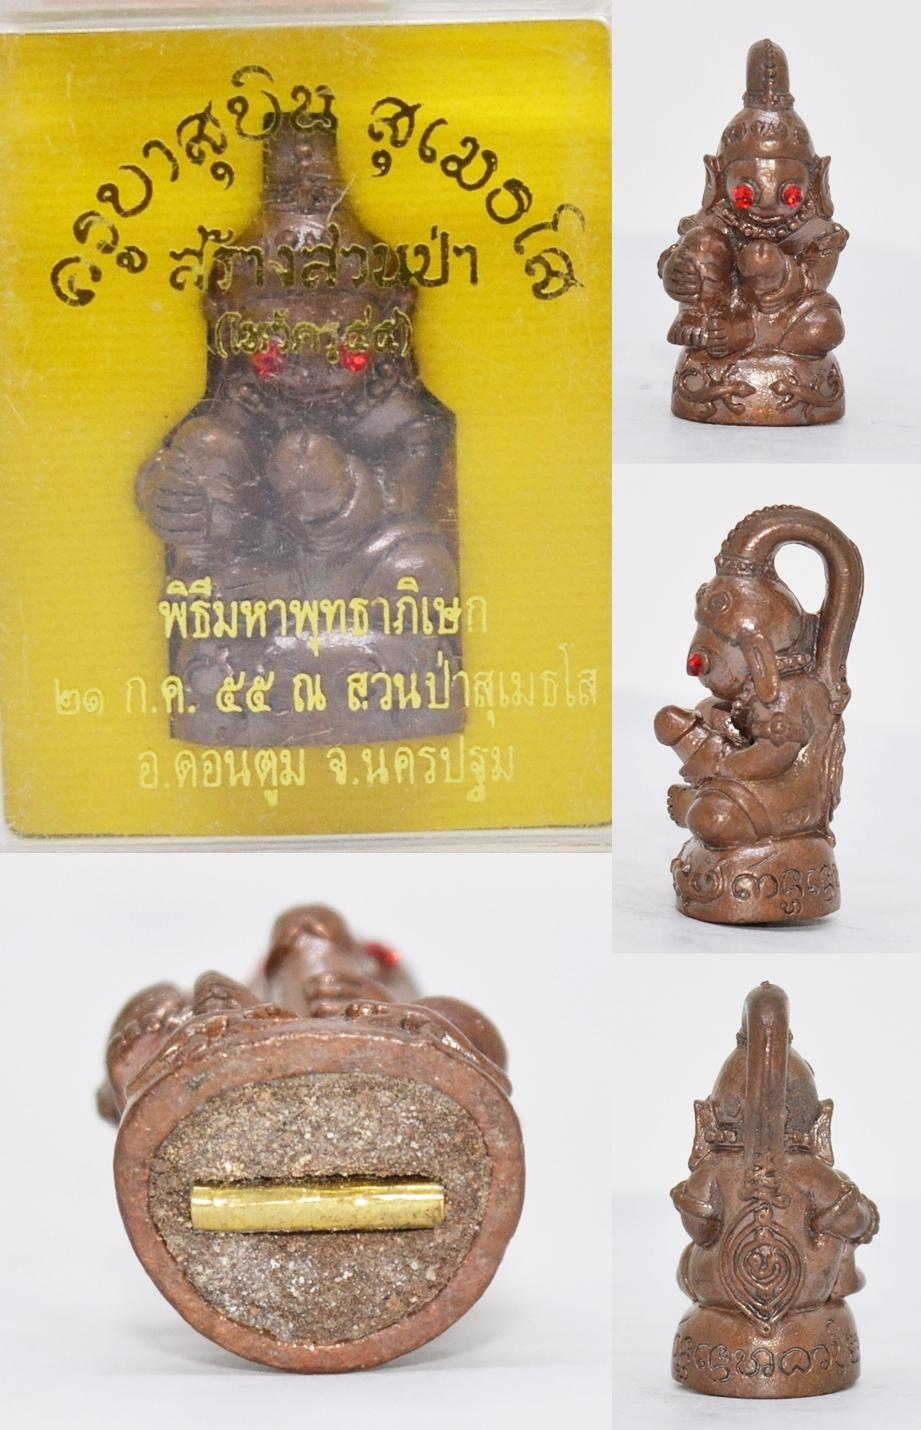 พญางั่งลึงค์ทอง เนื้อทองแดงเถื่อน รุ่นสร้างสวนป่า ไหว้ครู 55 ครูบาสุบิน สุเมธโส 2555